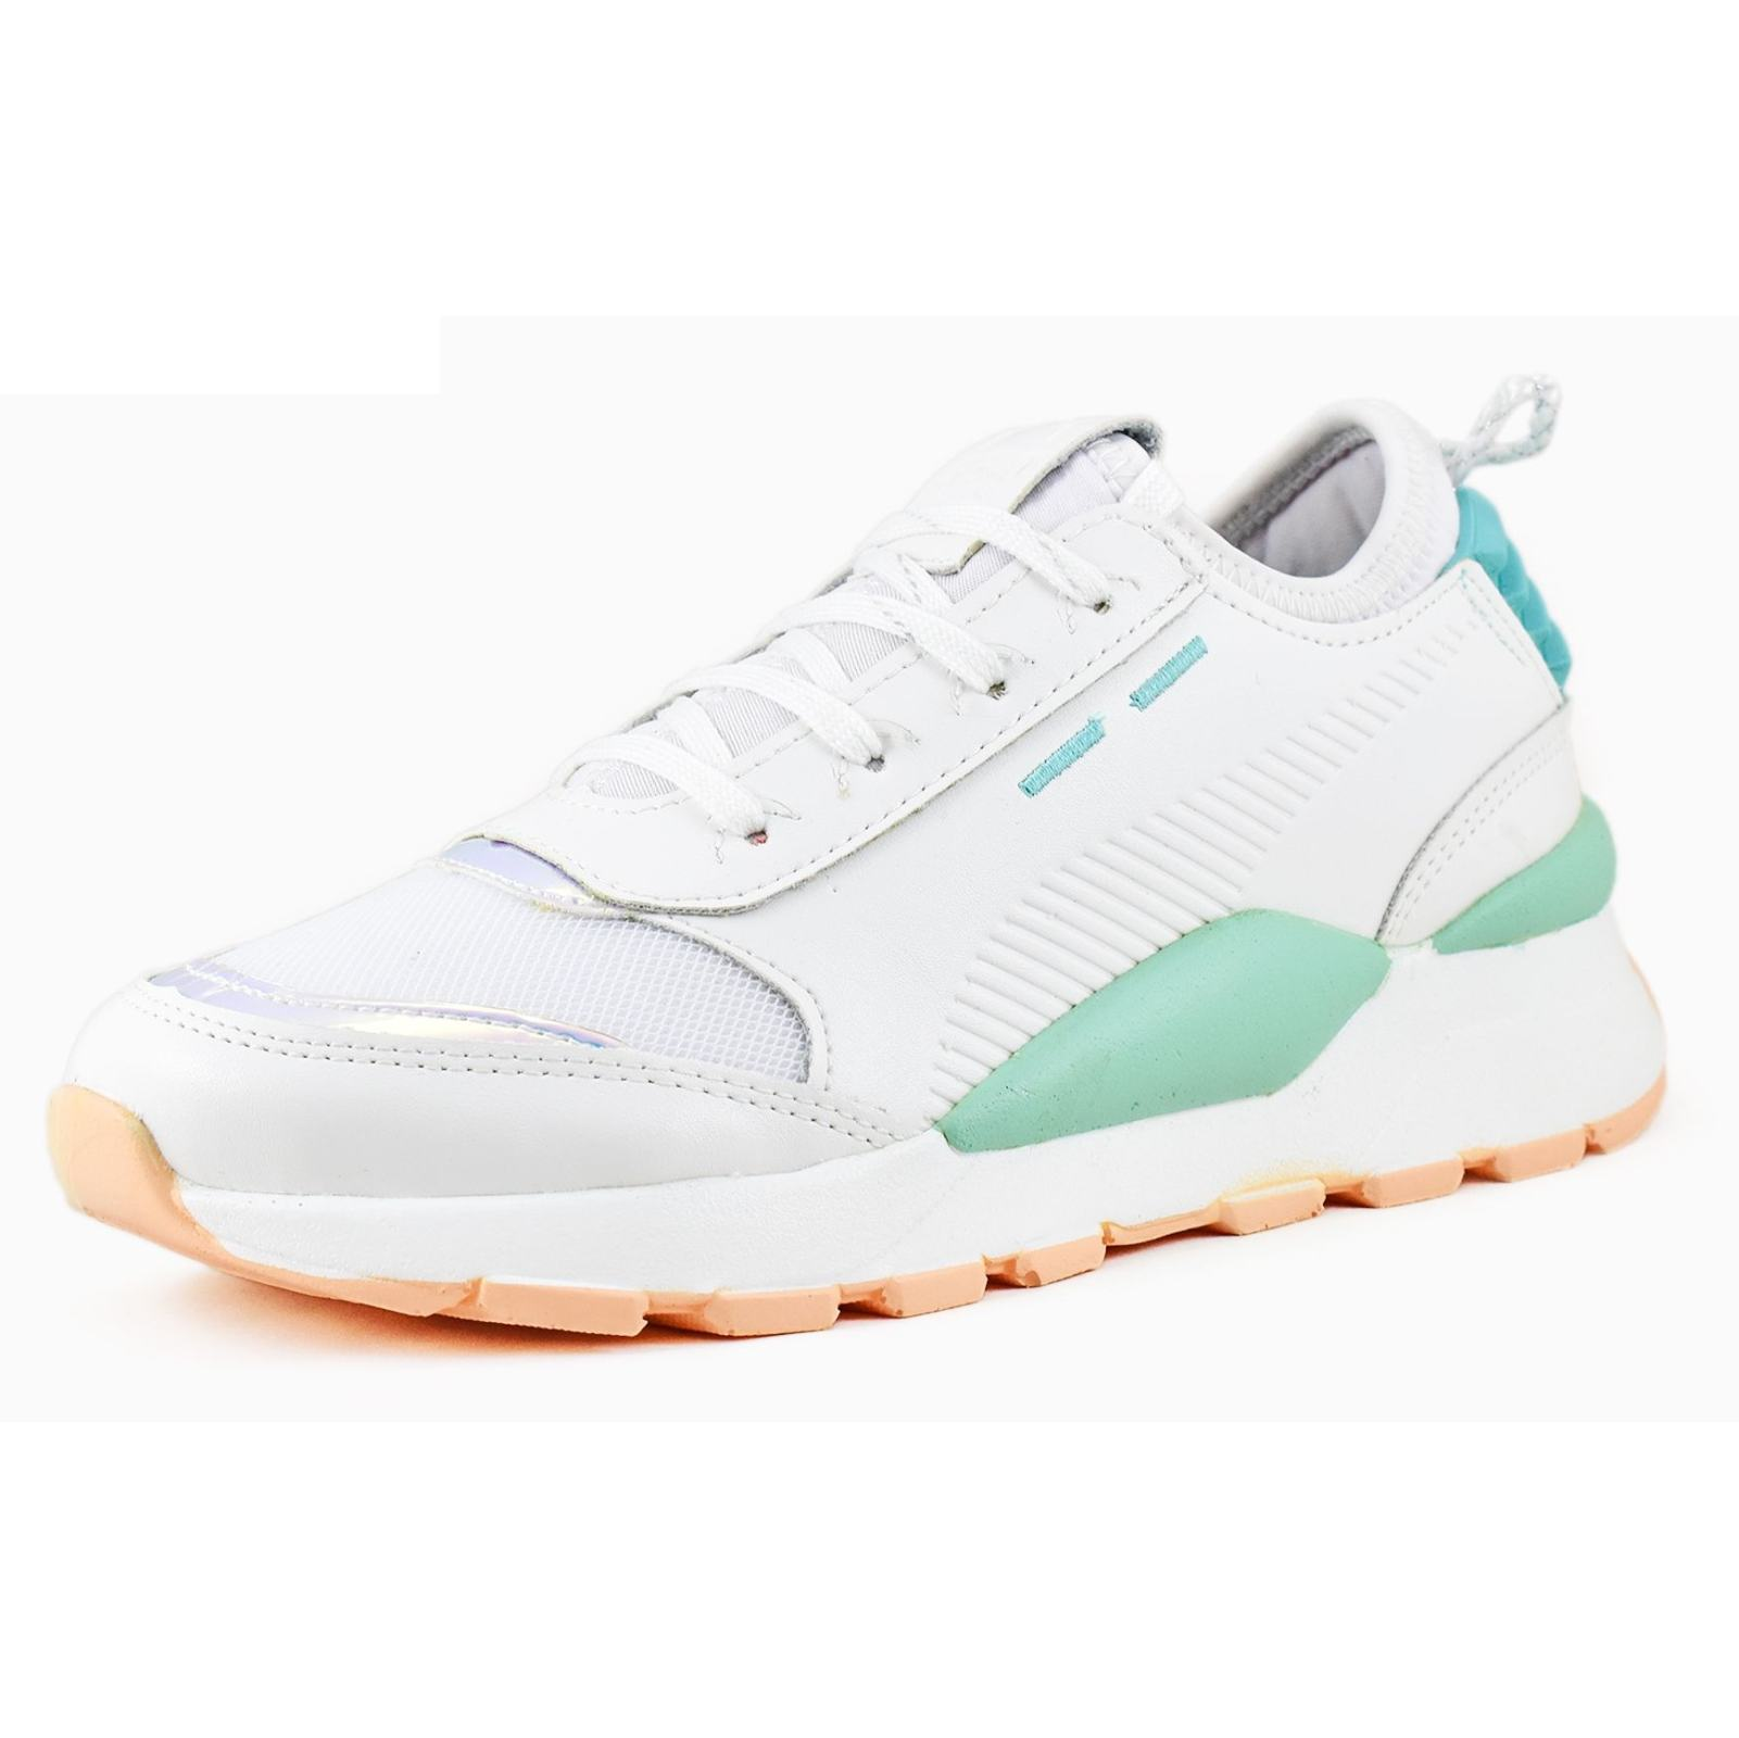 کفش مخصوص پیاده روی زنانه مدل هامون کد 4131 main 1 3